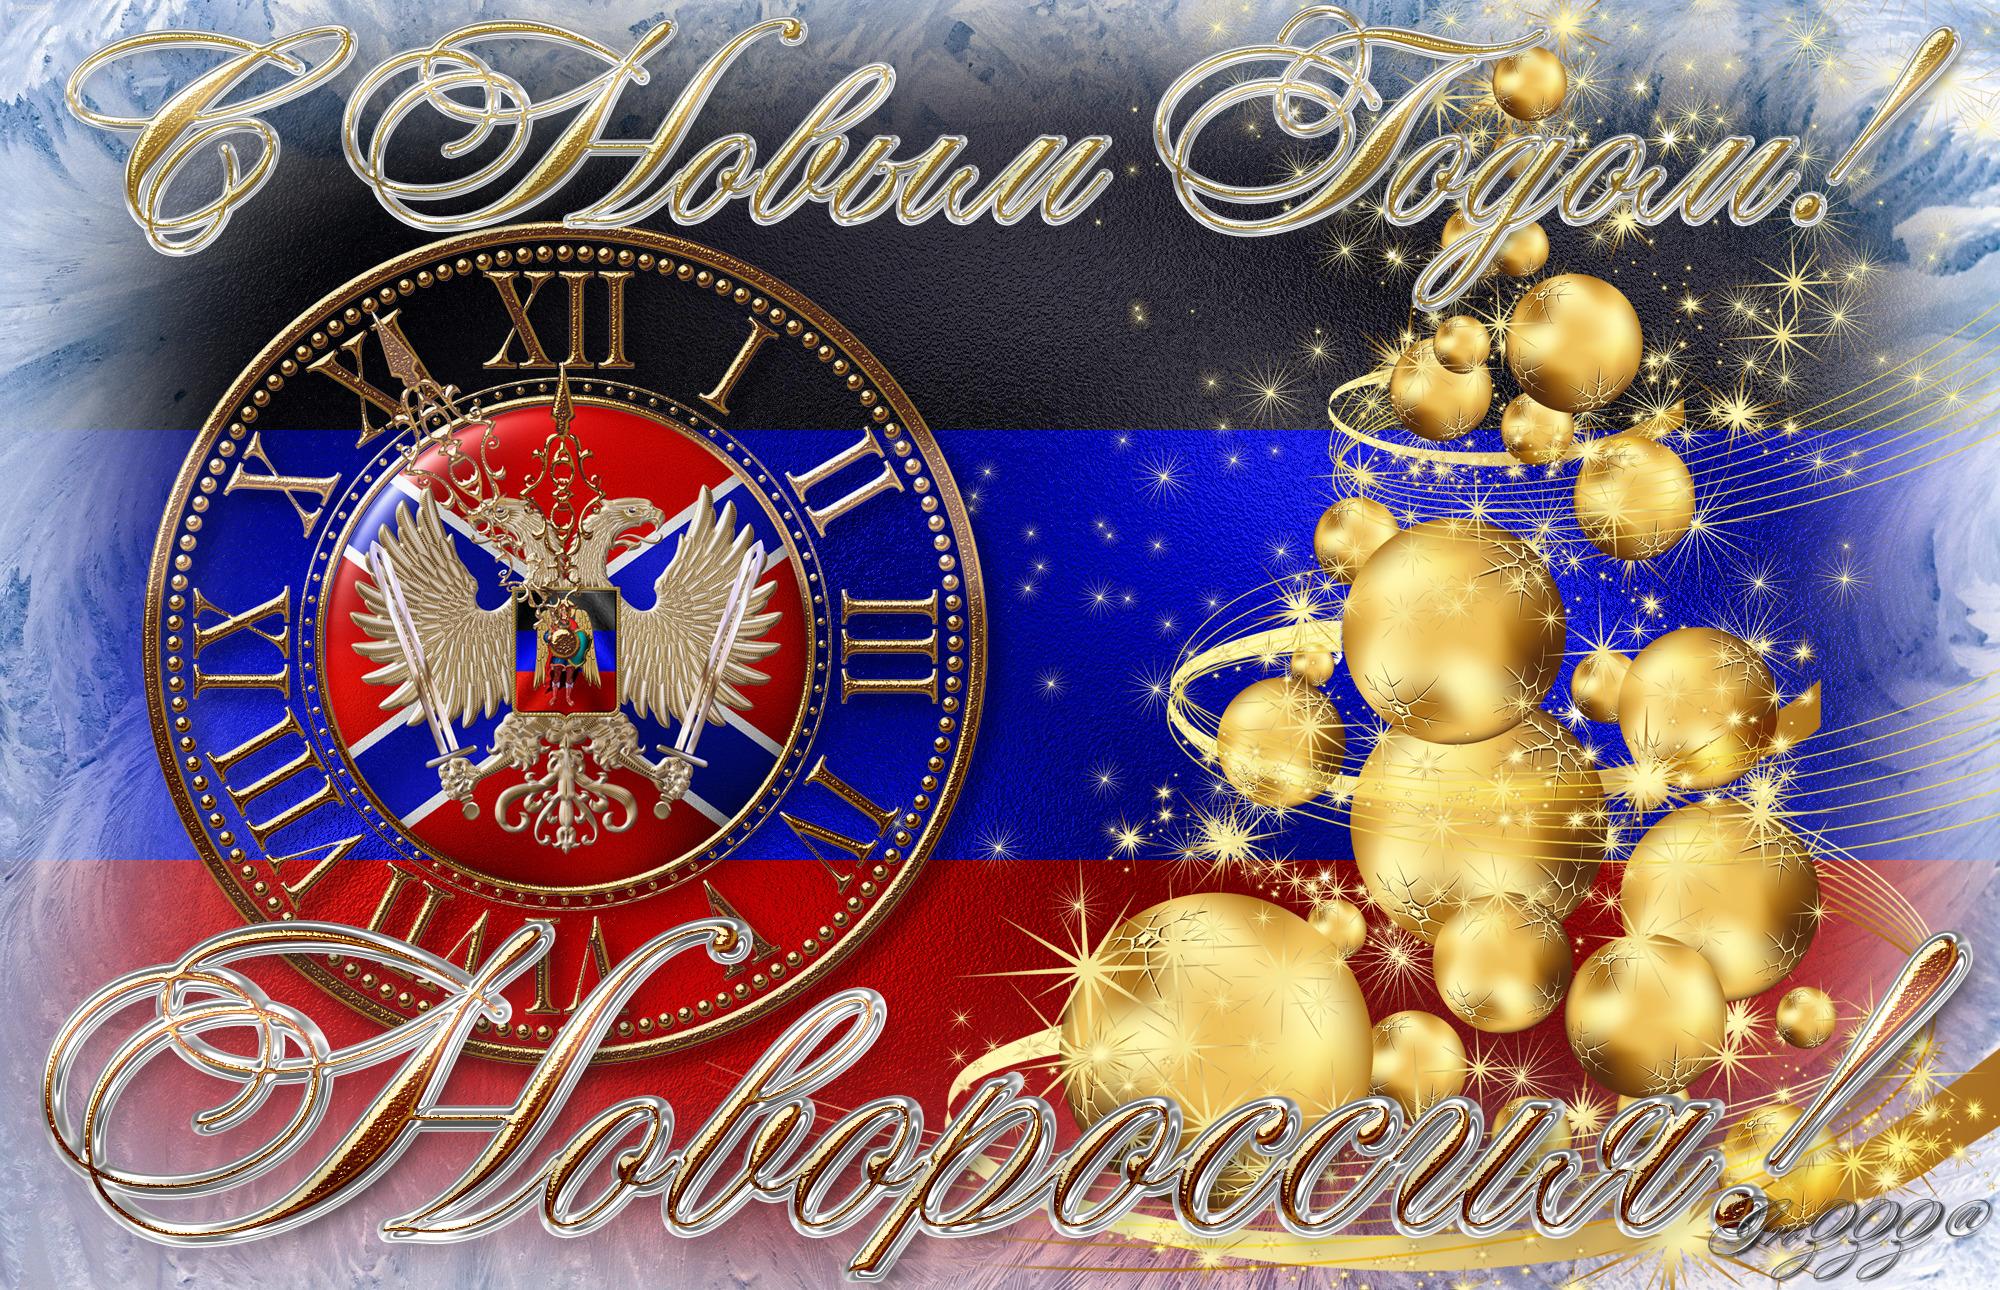 ждал поздравление новым годом для военных случилось, что смог